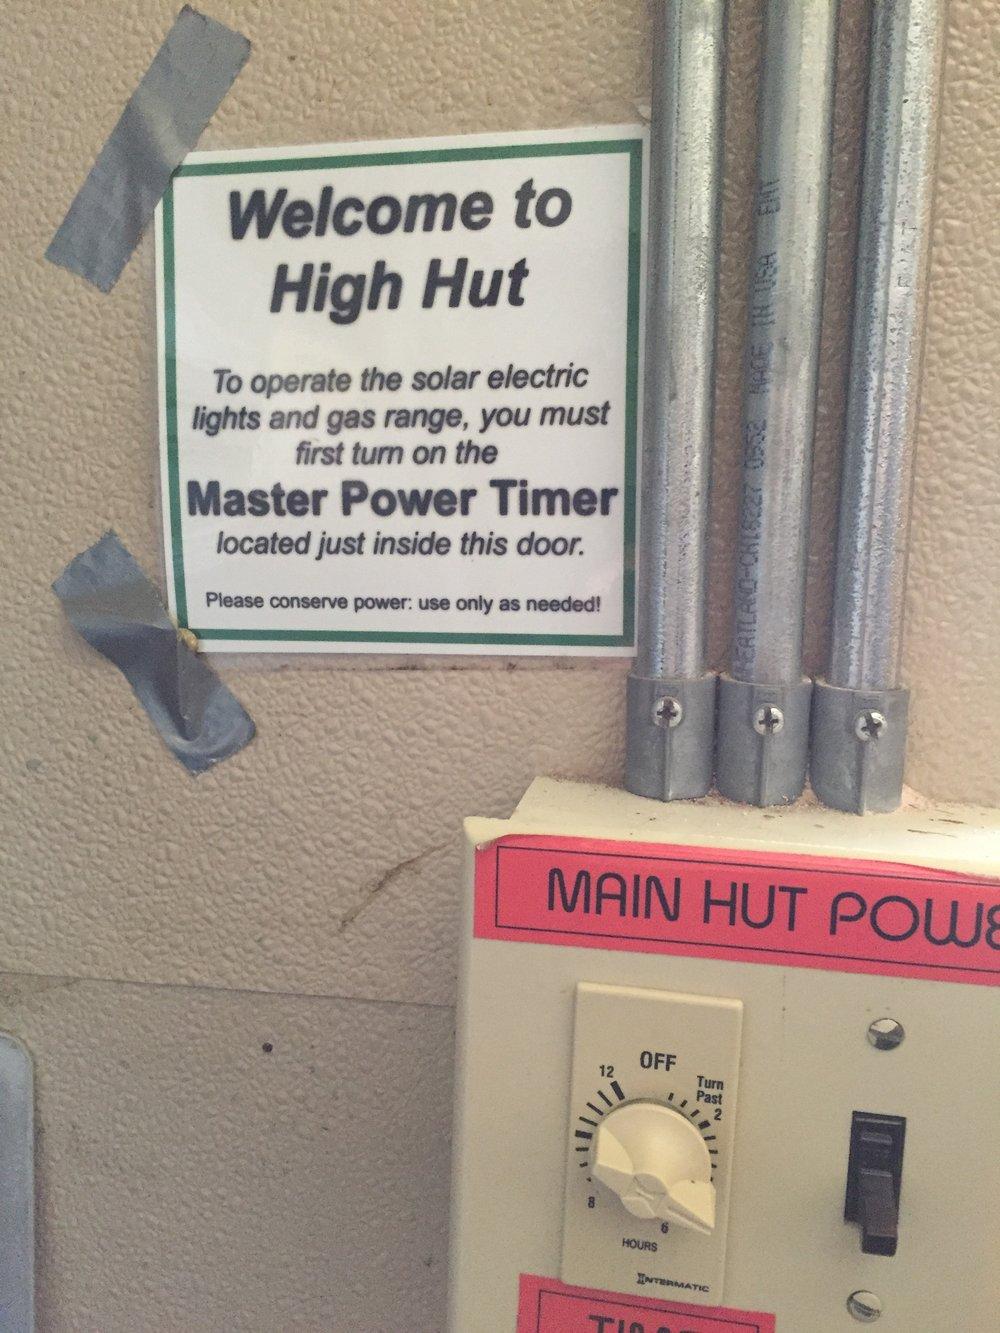 Master Power Timer